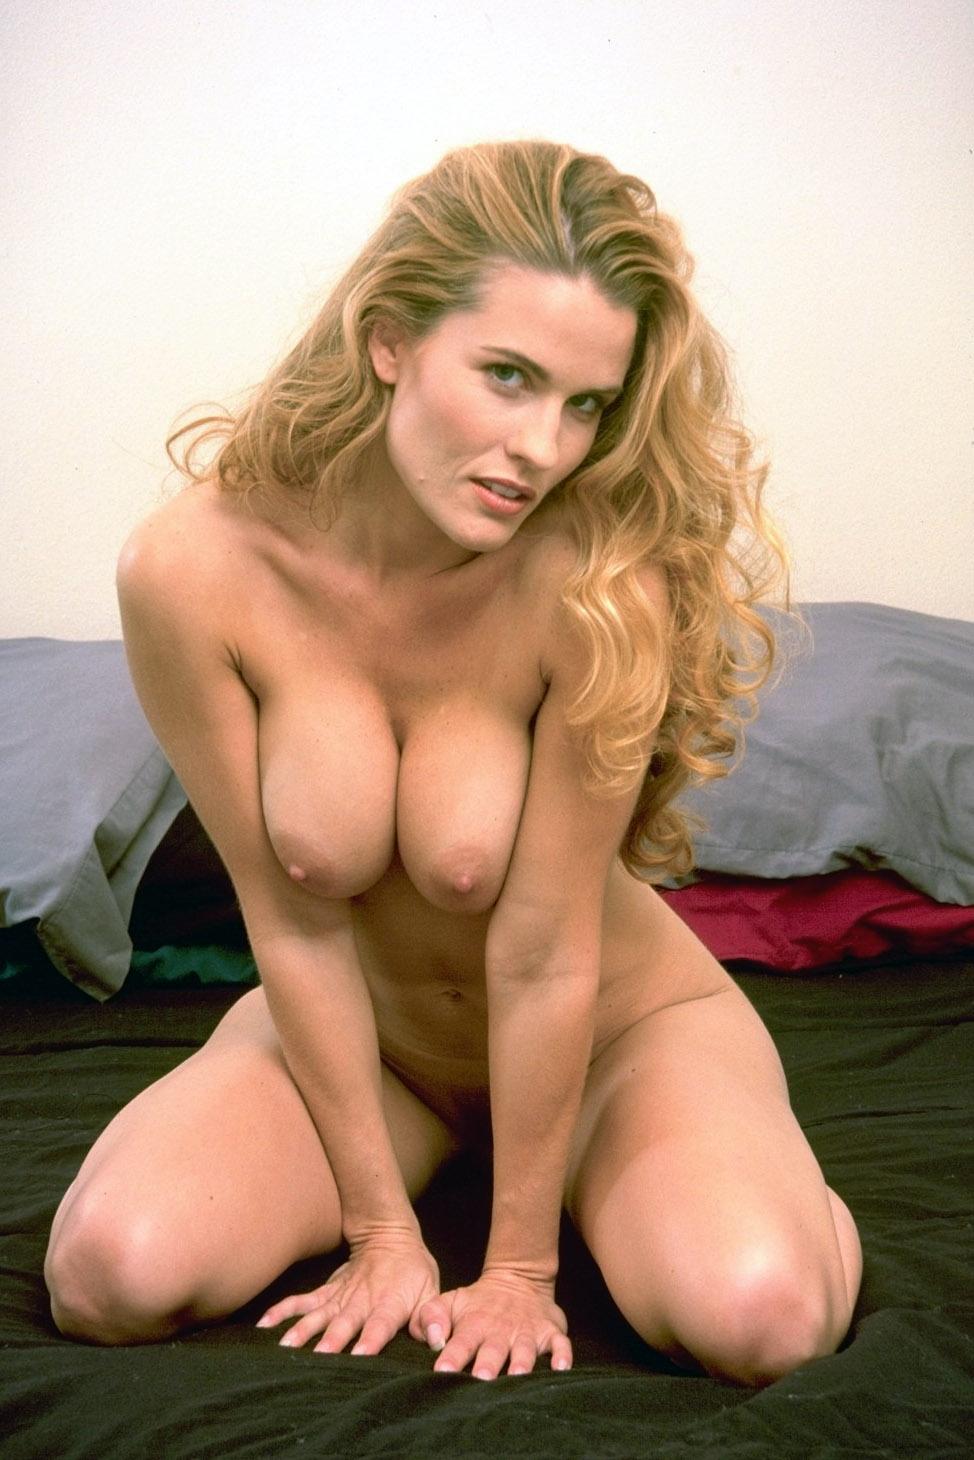 mature cougar escort hottie